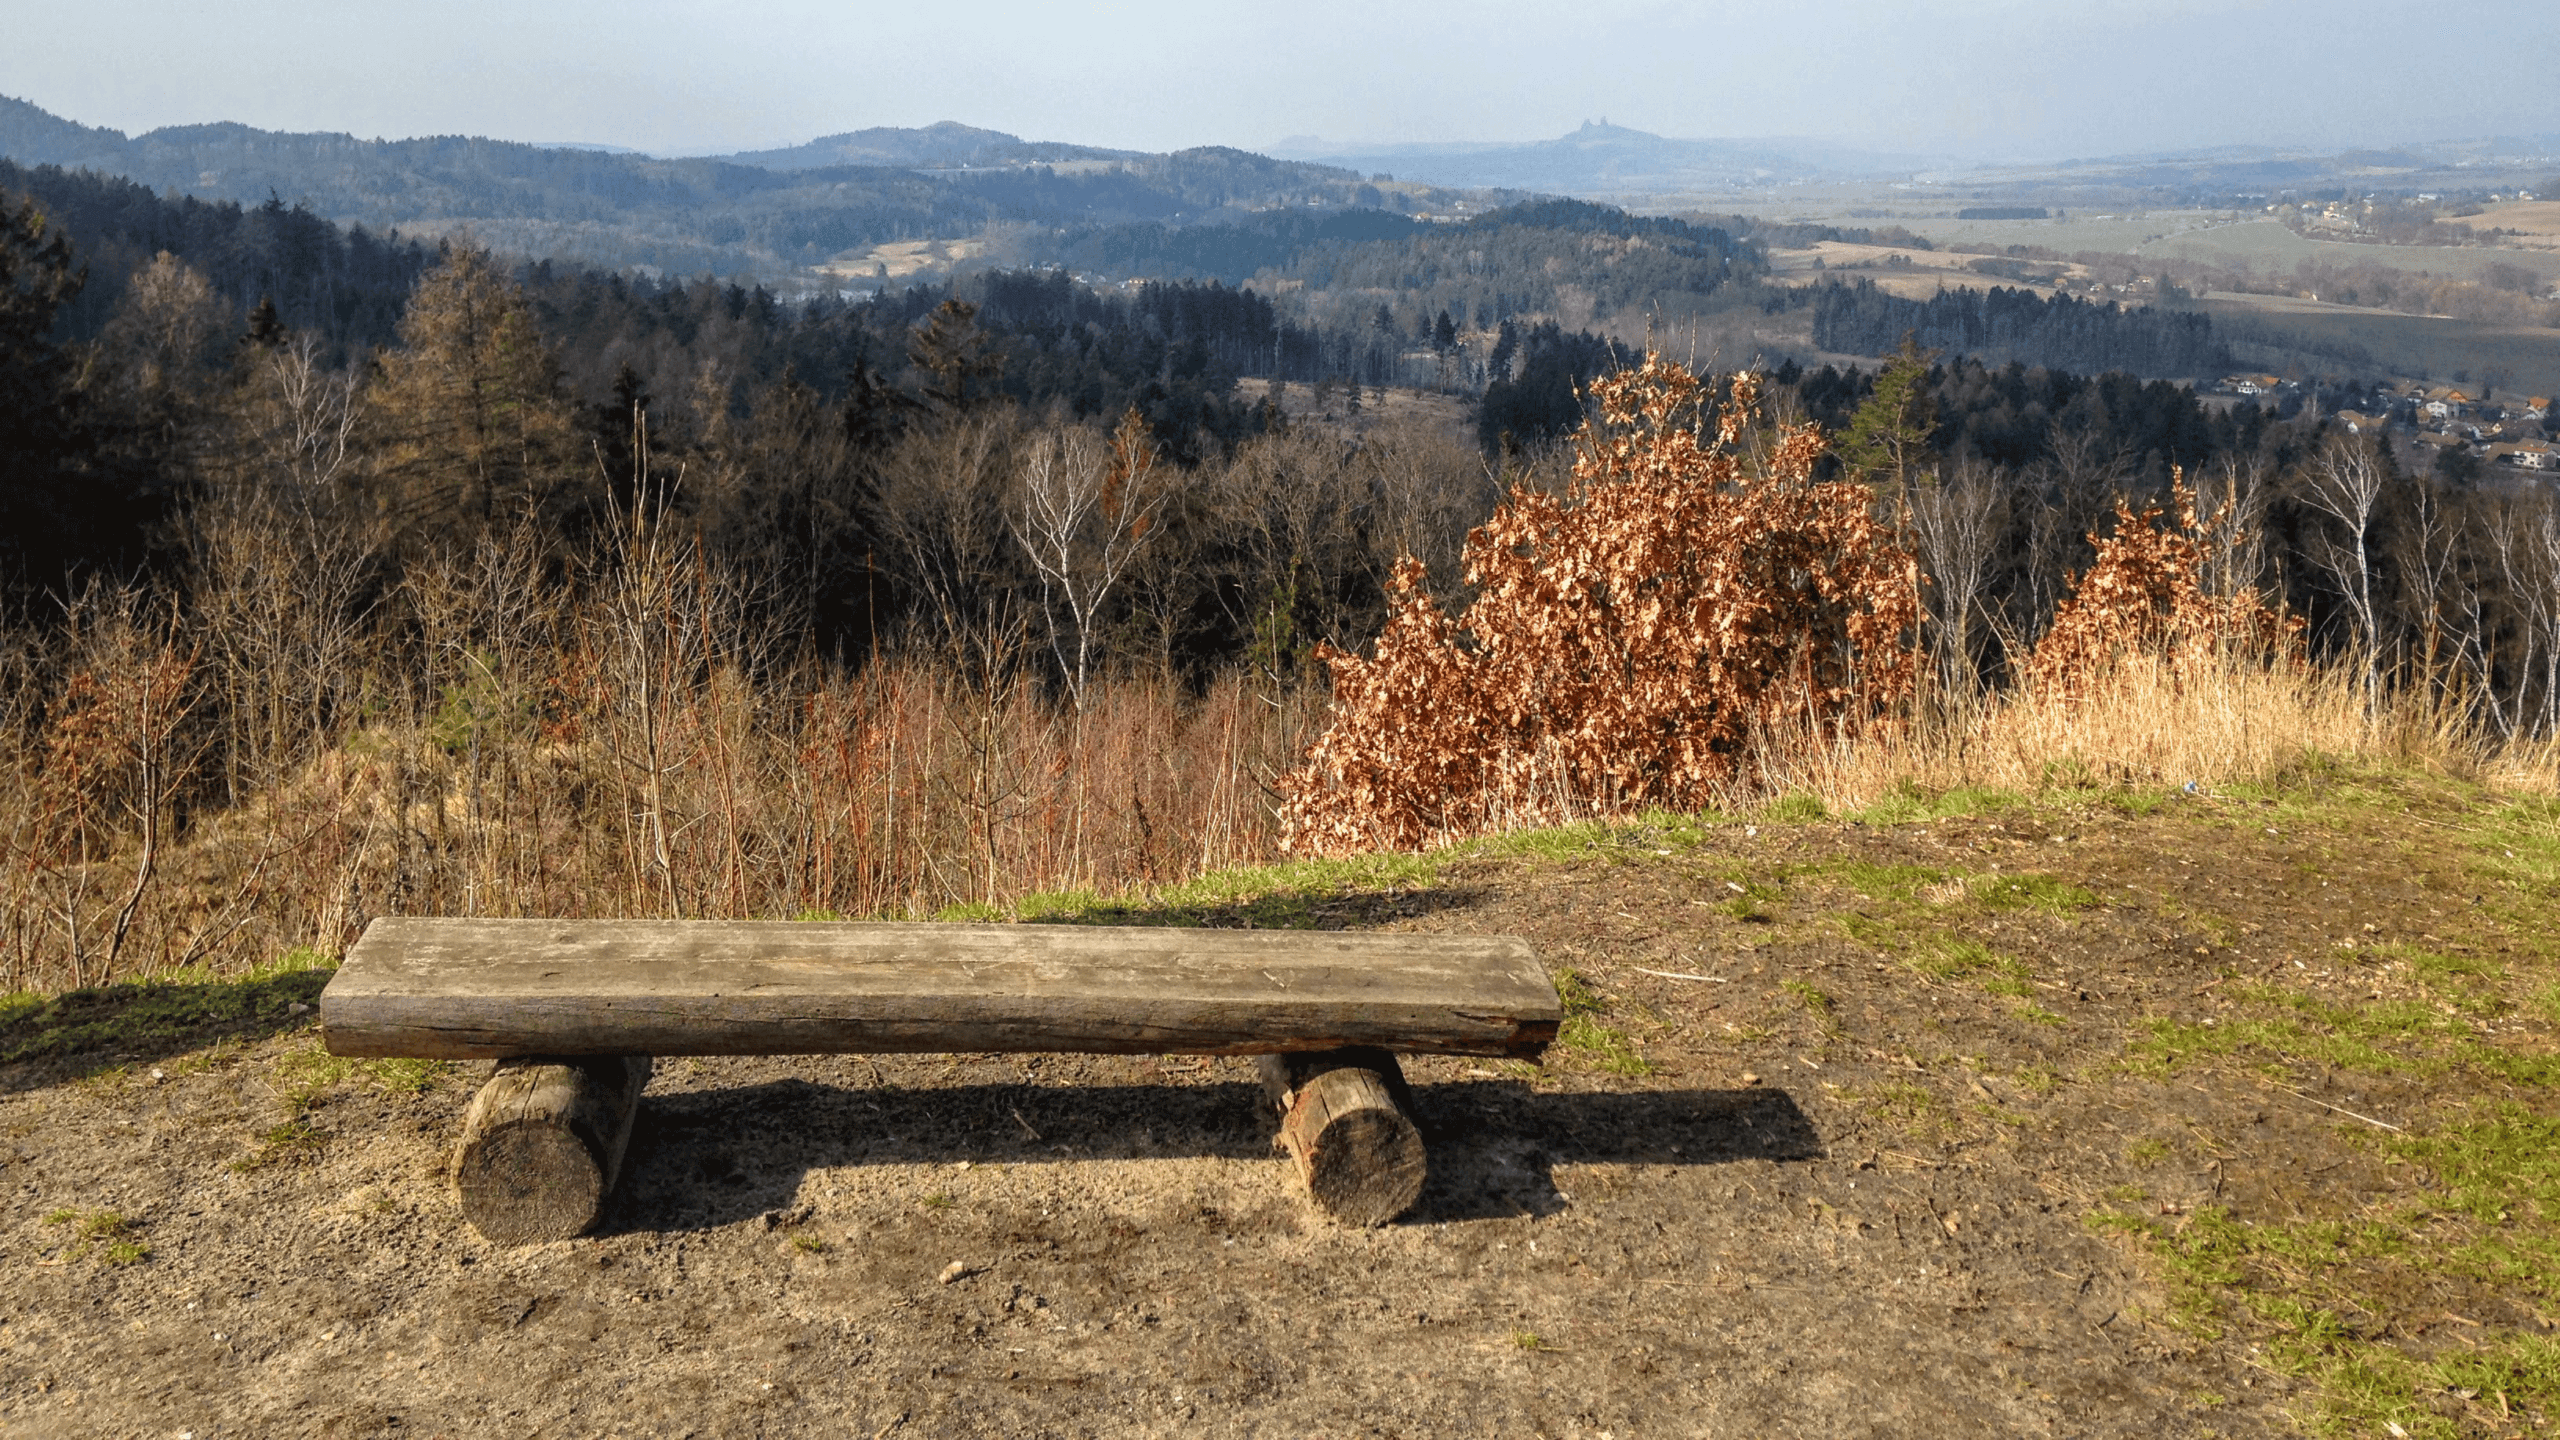 Za krásnými výhledy na vrch Brada